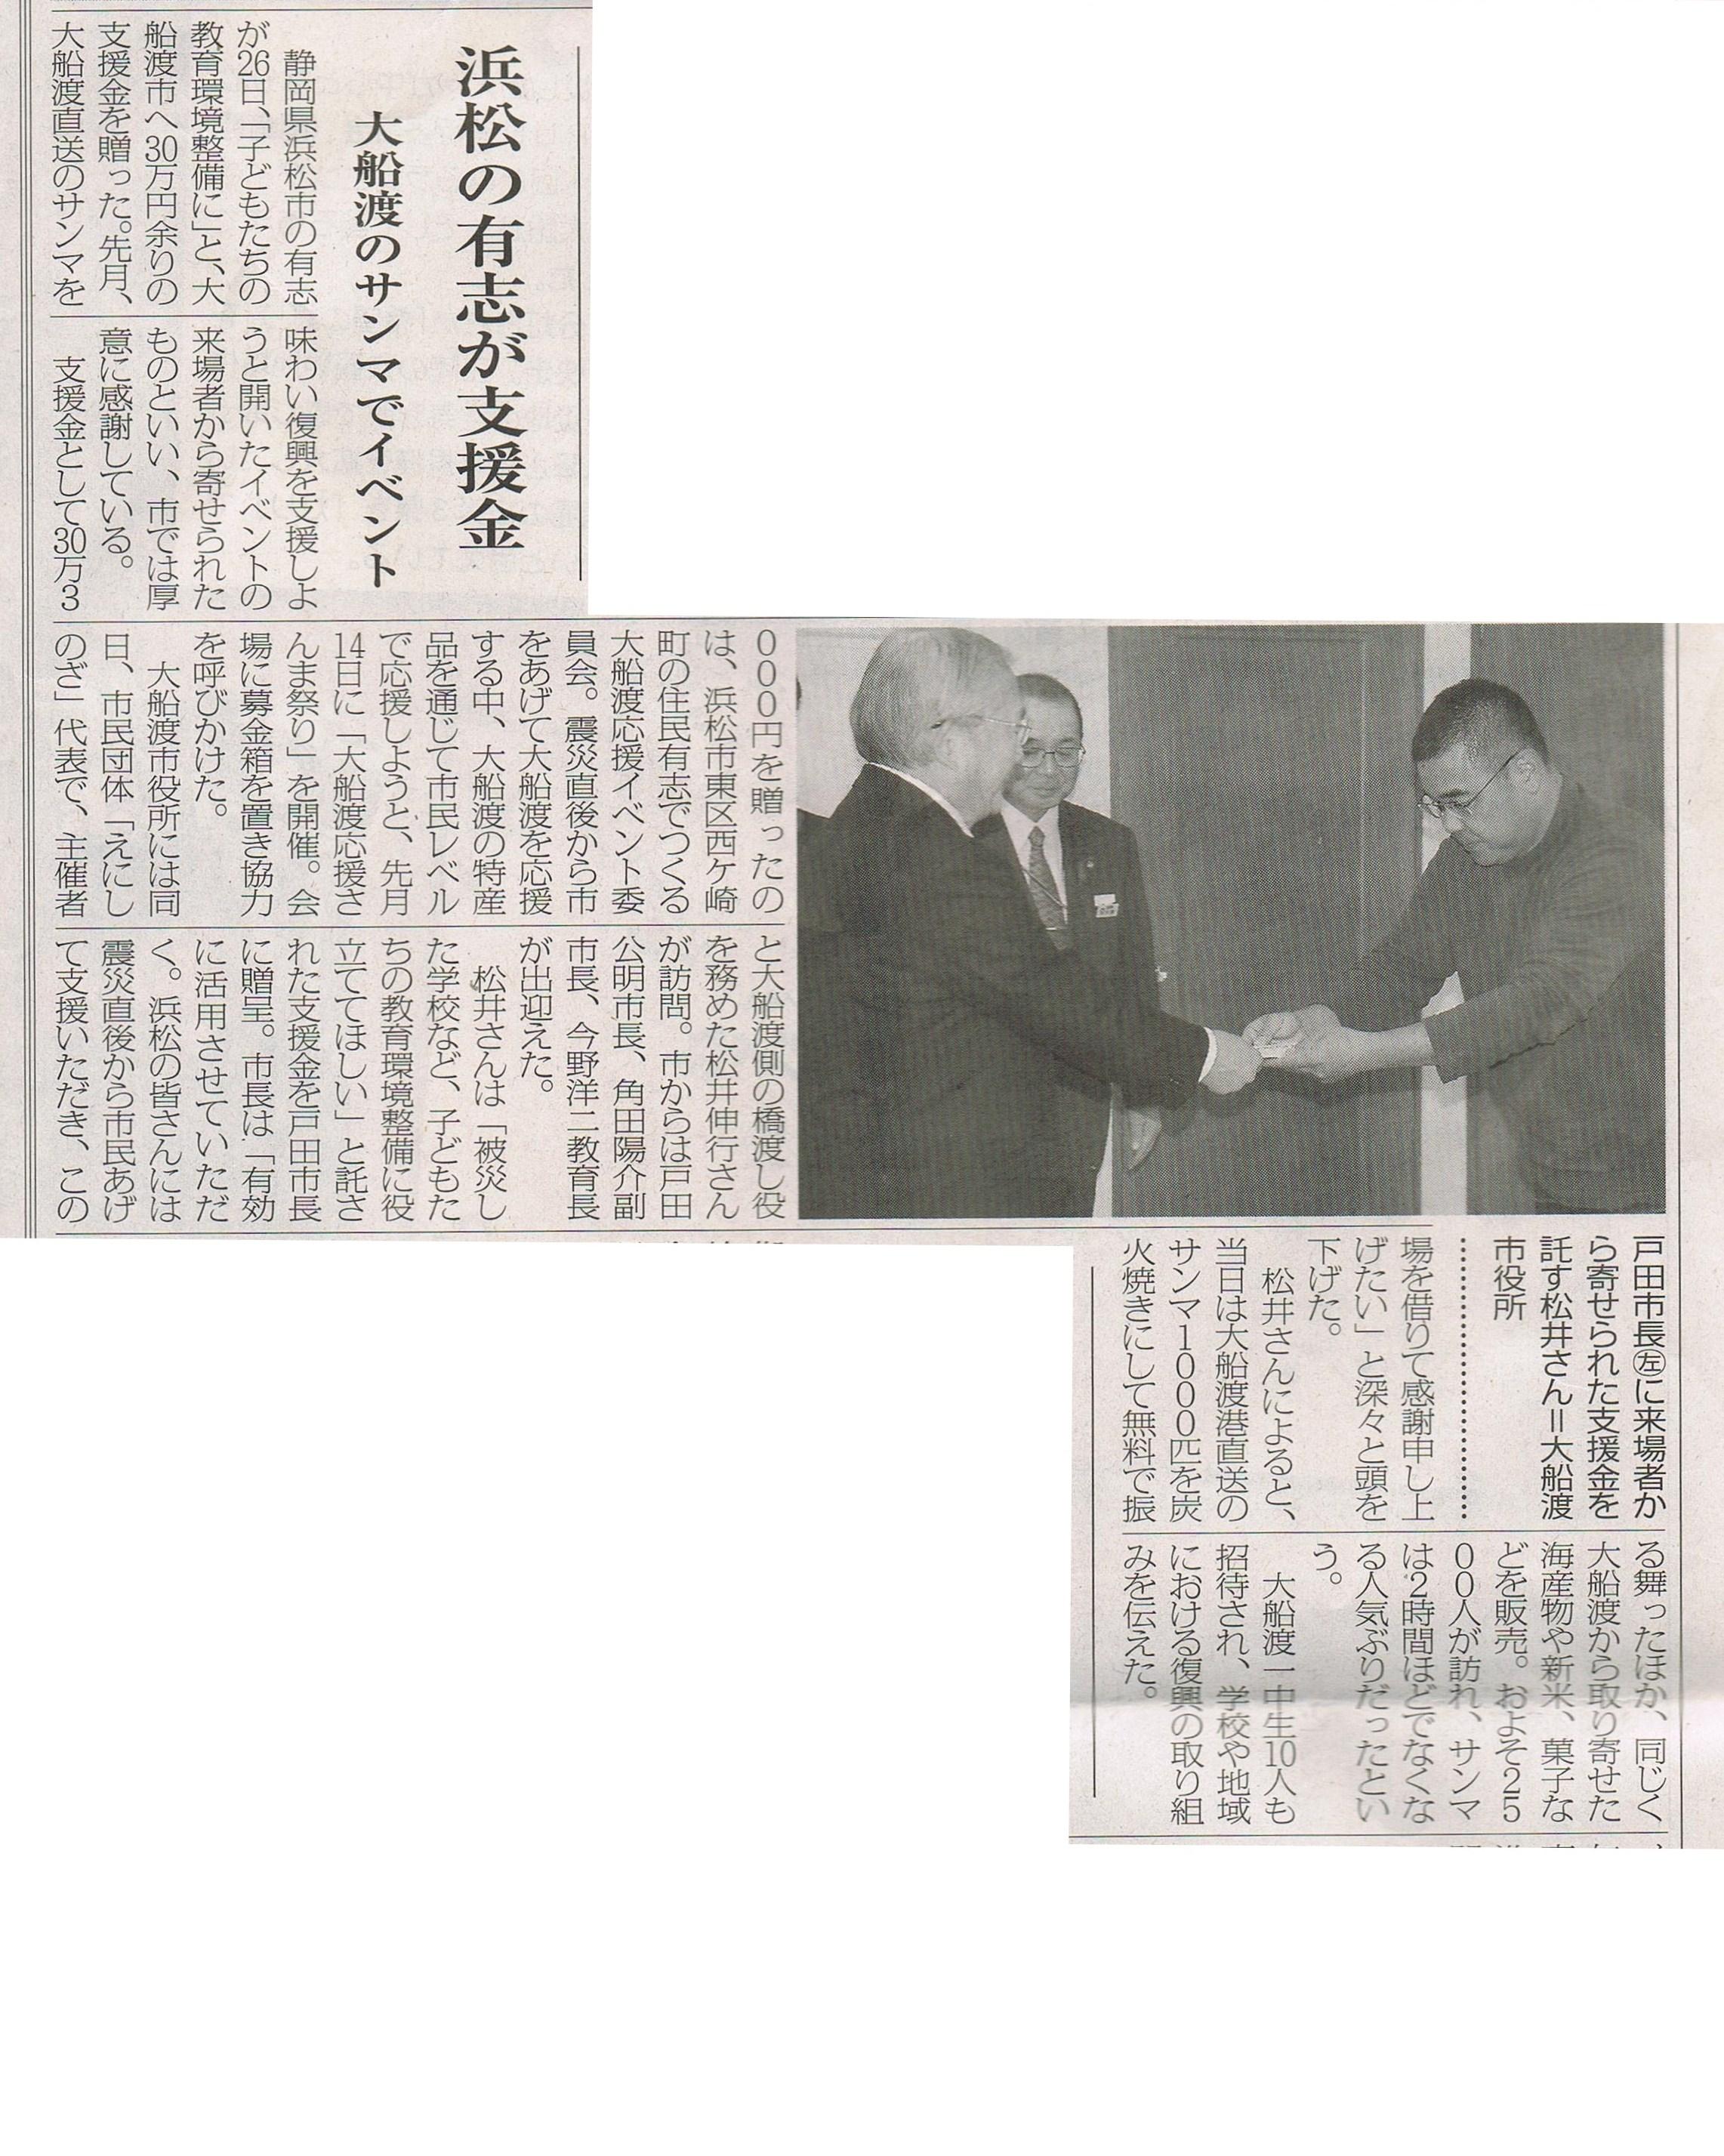 さんま祭り寄付 東海新報.jpg